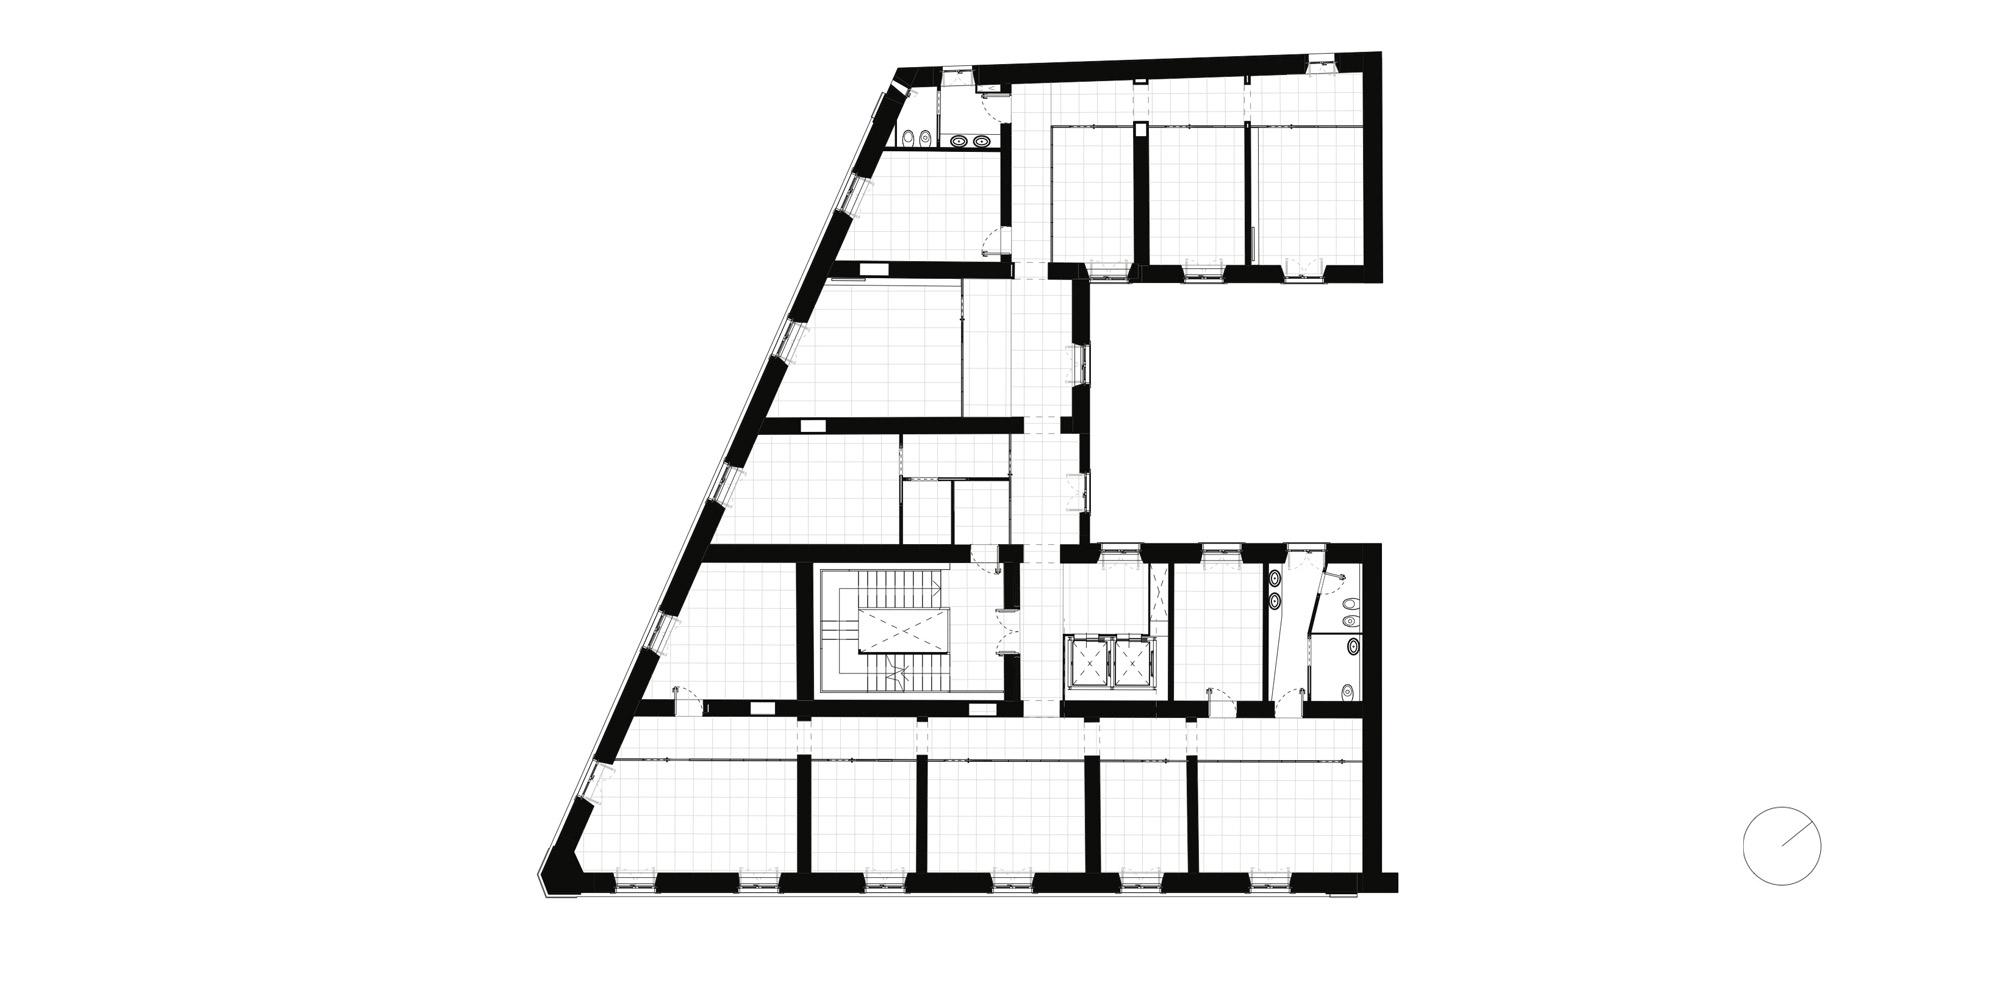 Typical floor plan © It's